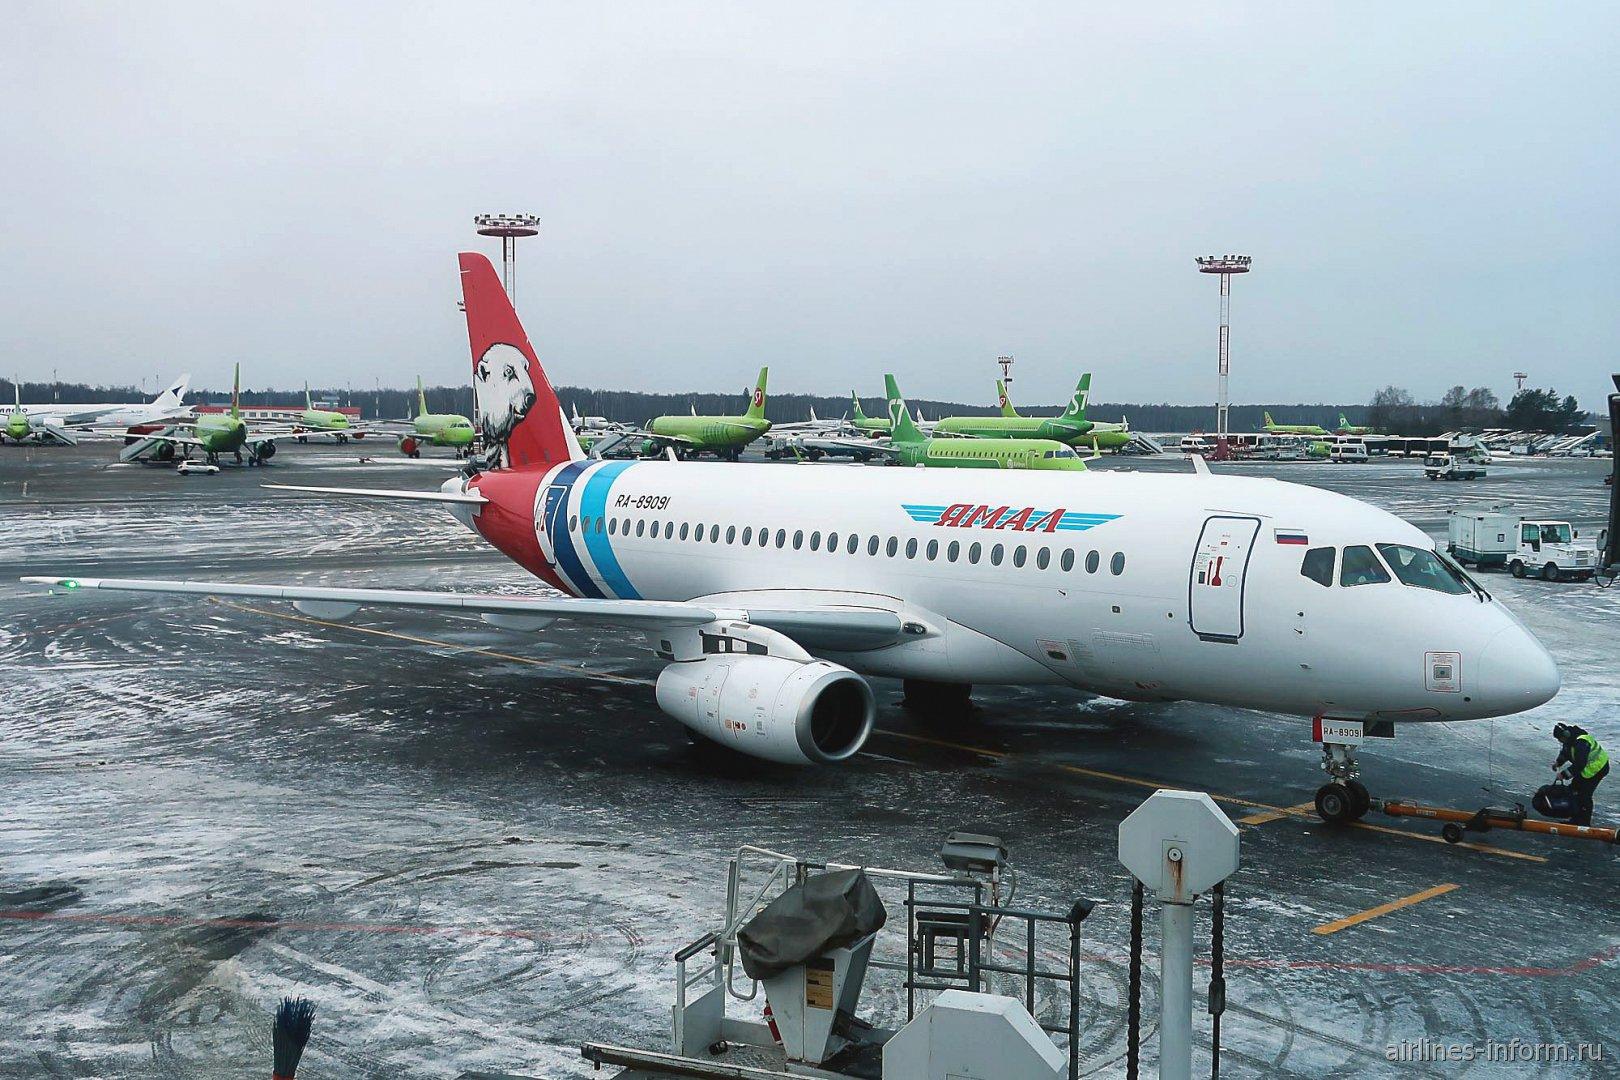 Стоит ли переживать за полеты на Superjet-100